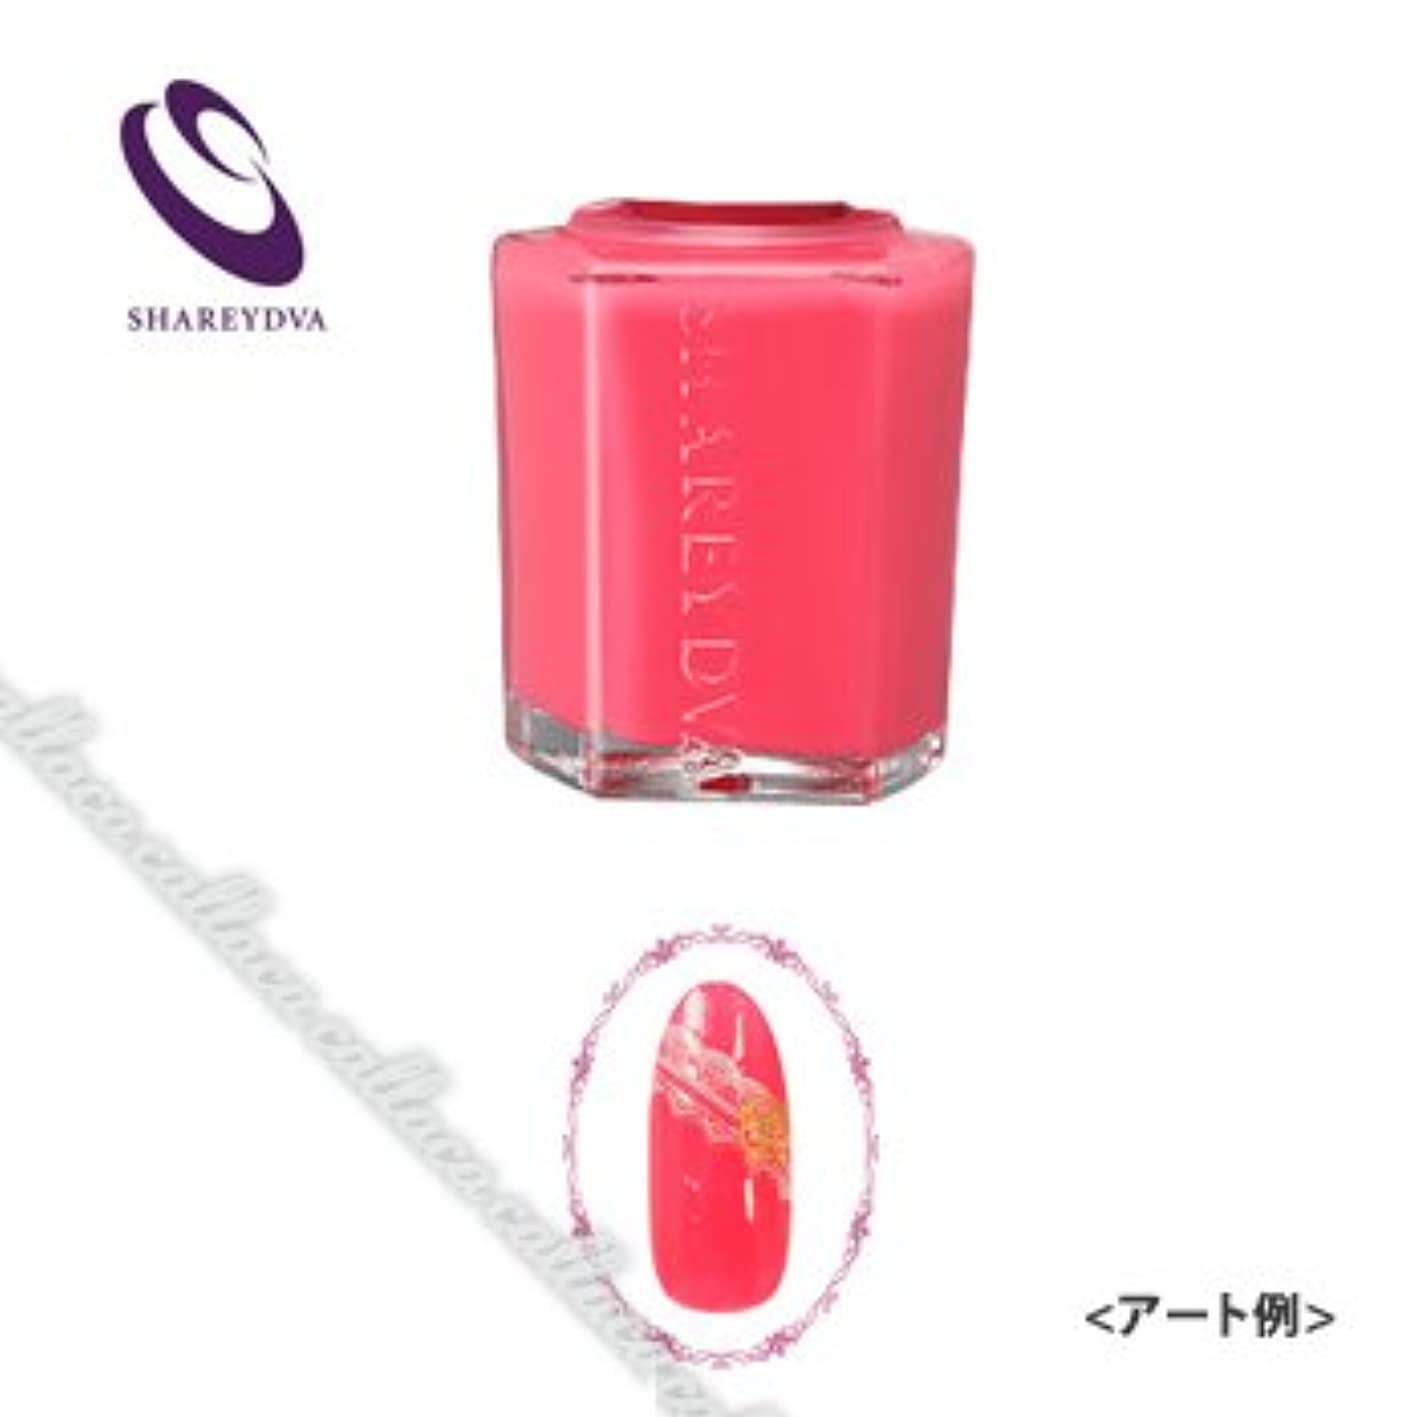 特殊りペットSHAREYDVAカラー No.35(15ml)